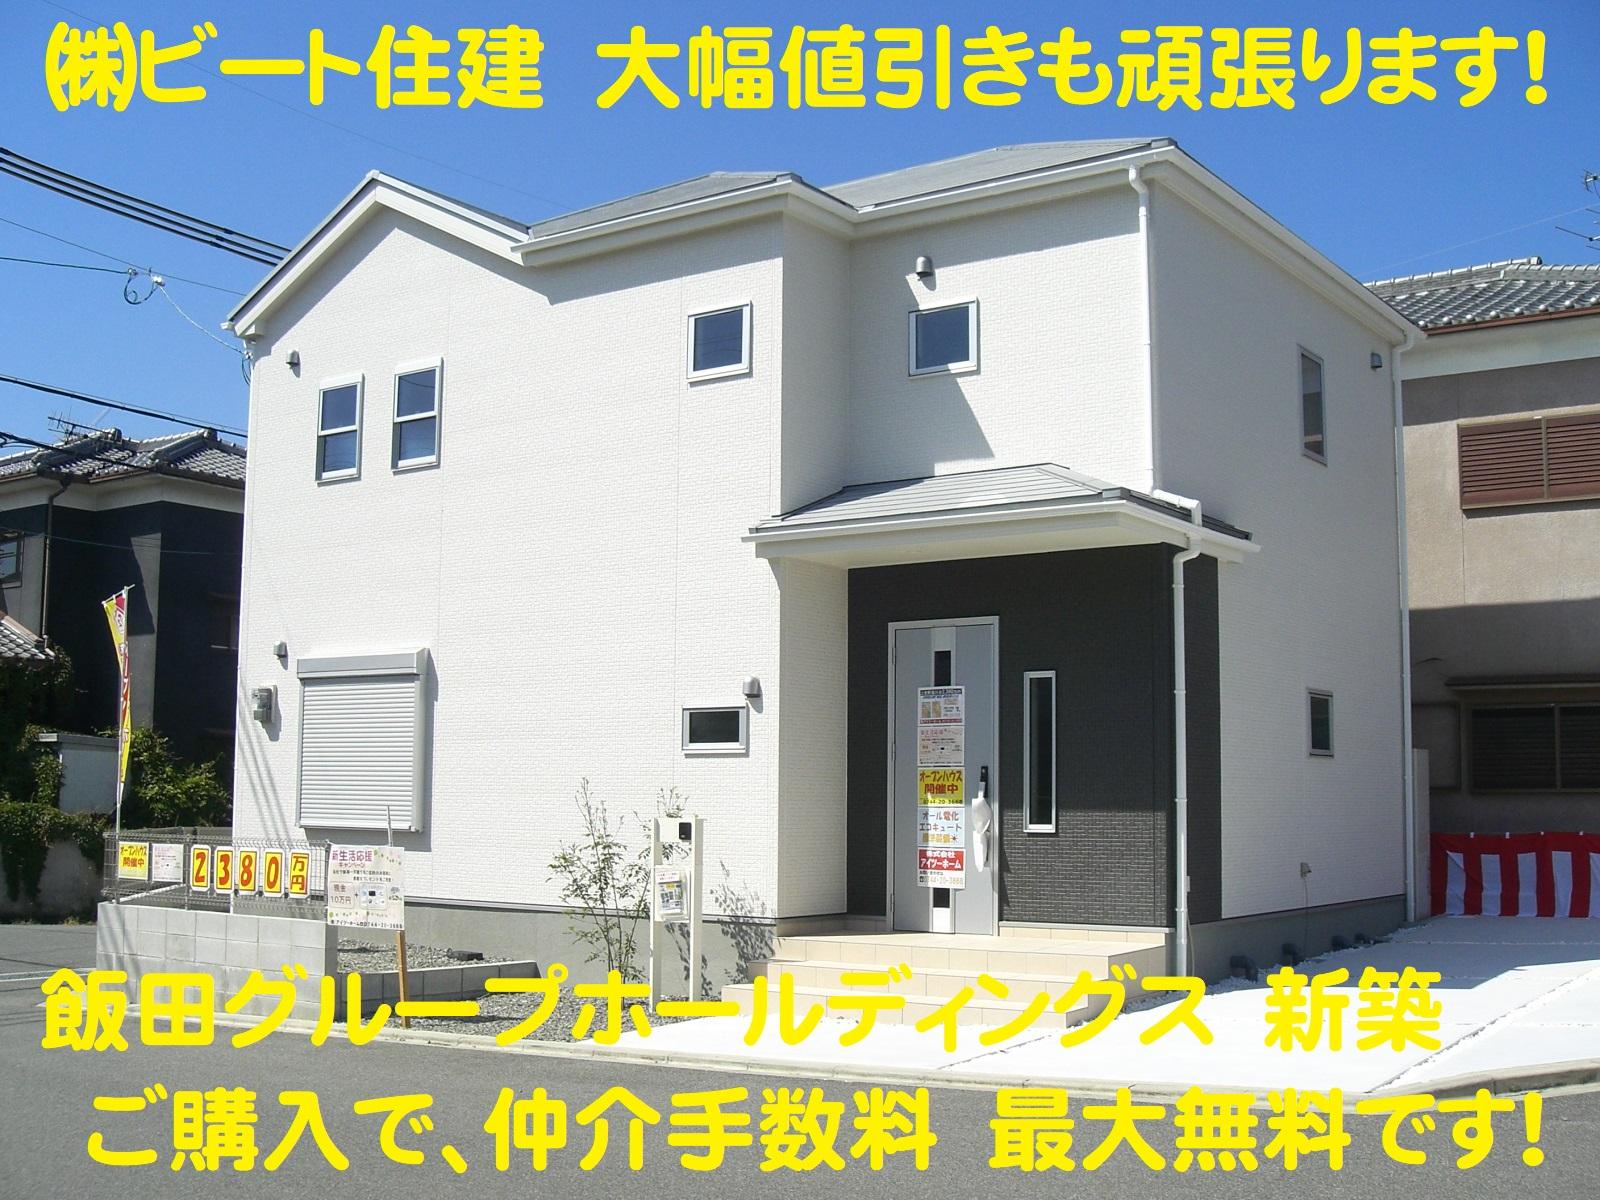 広陵町 新築一戸建て モデルハウス 有ります! 建物 高級仕様 飯田グループ 一建設